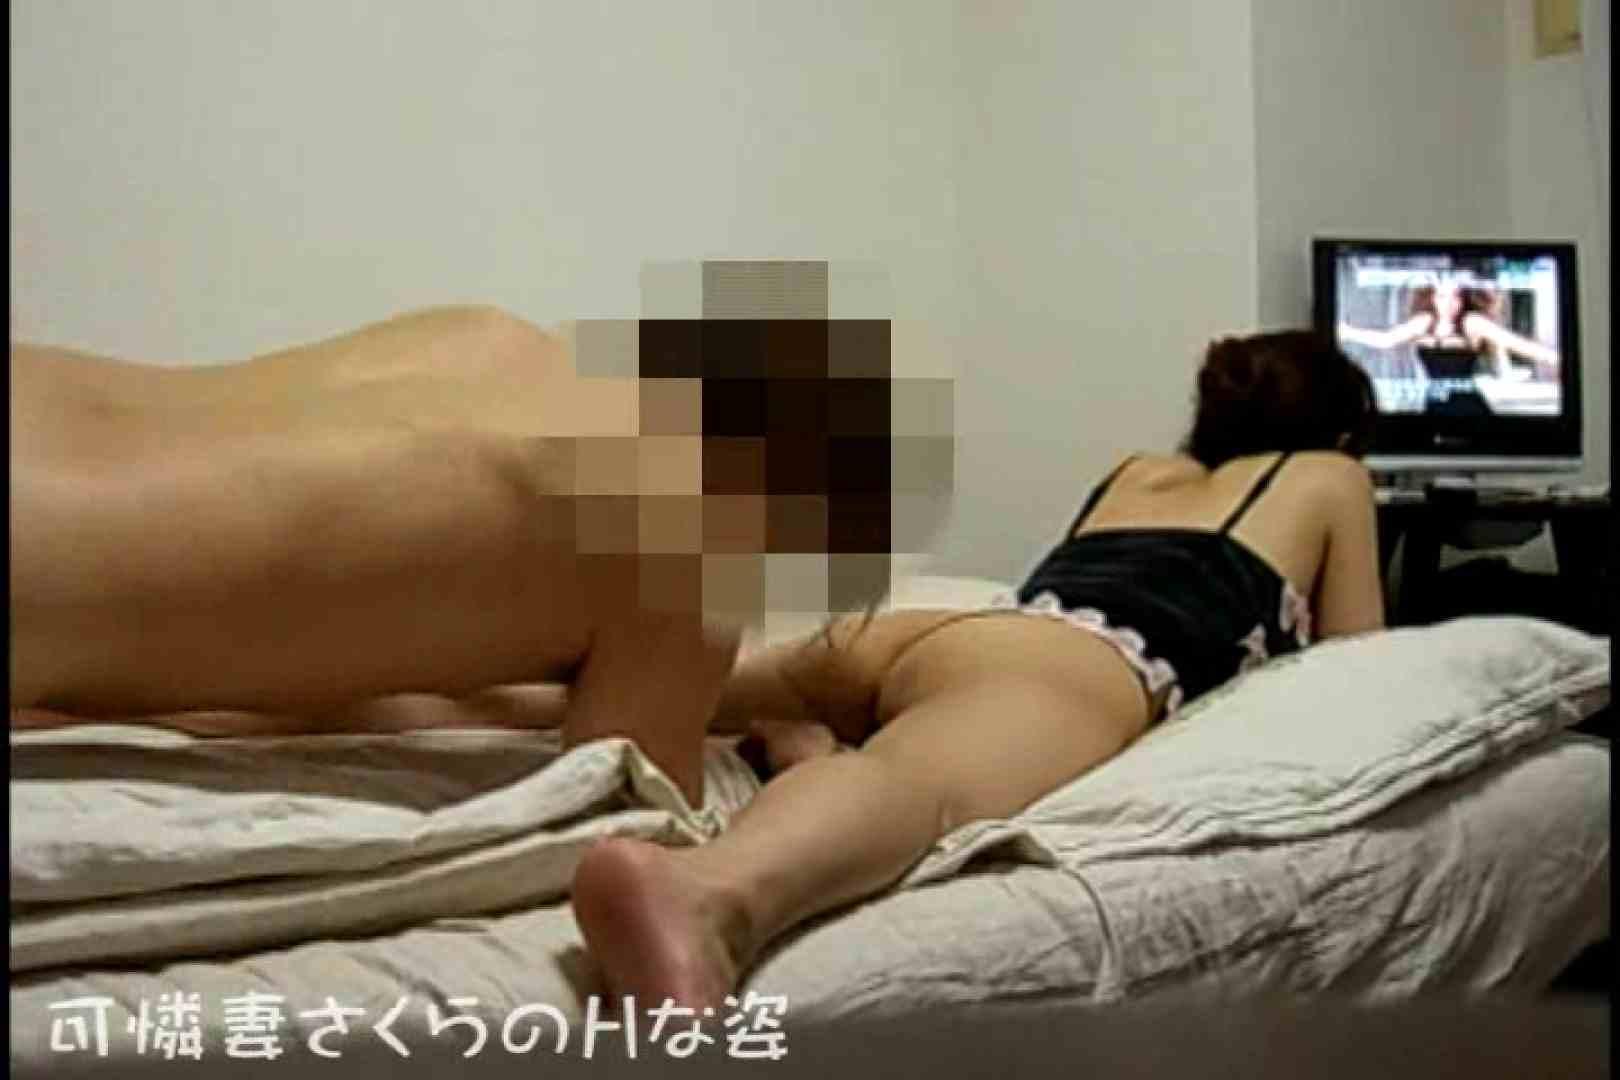 可憐妻さくらのHな姿vol.2 投稿映像 ワレメ動画紹介 64pic 2